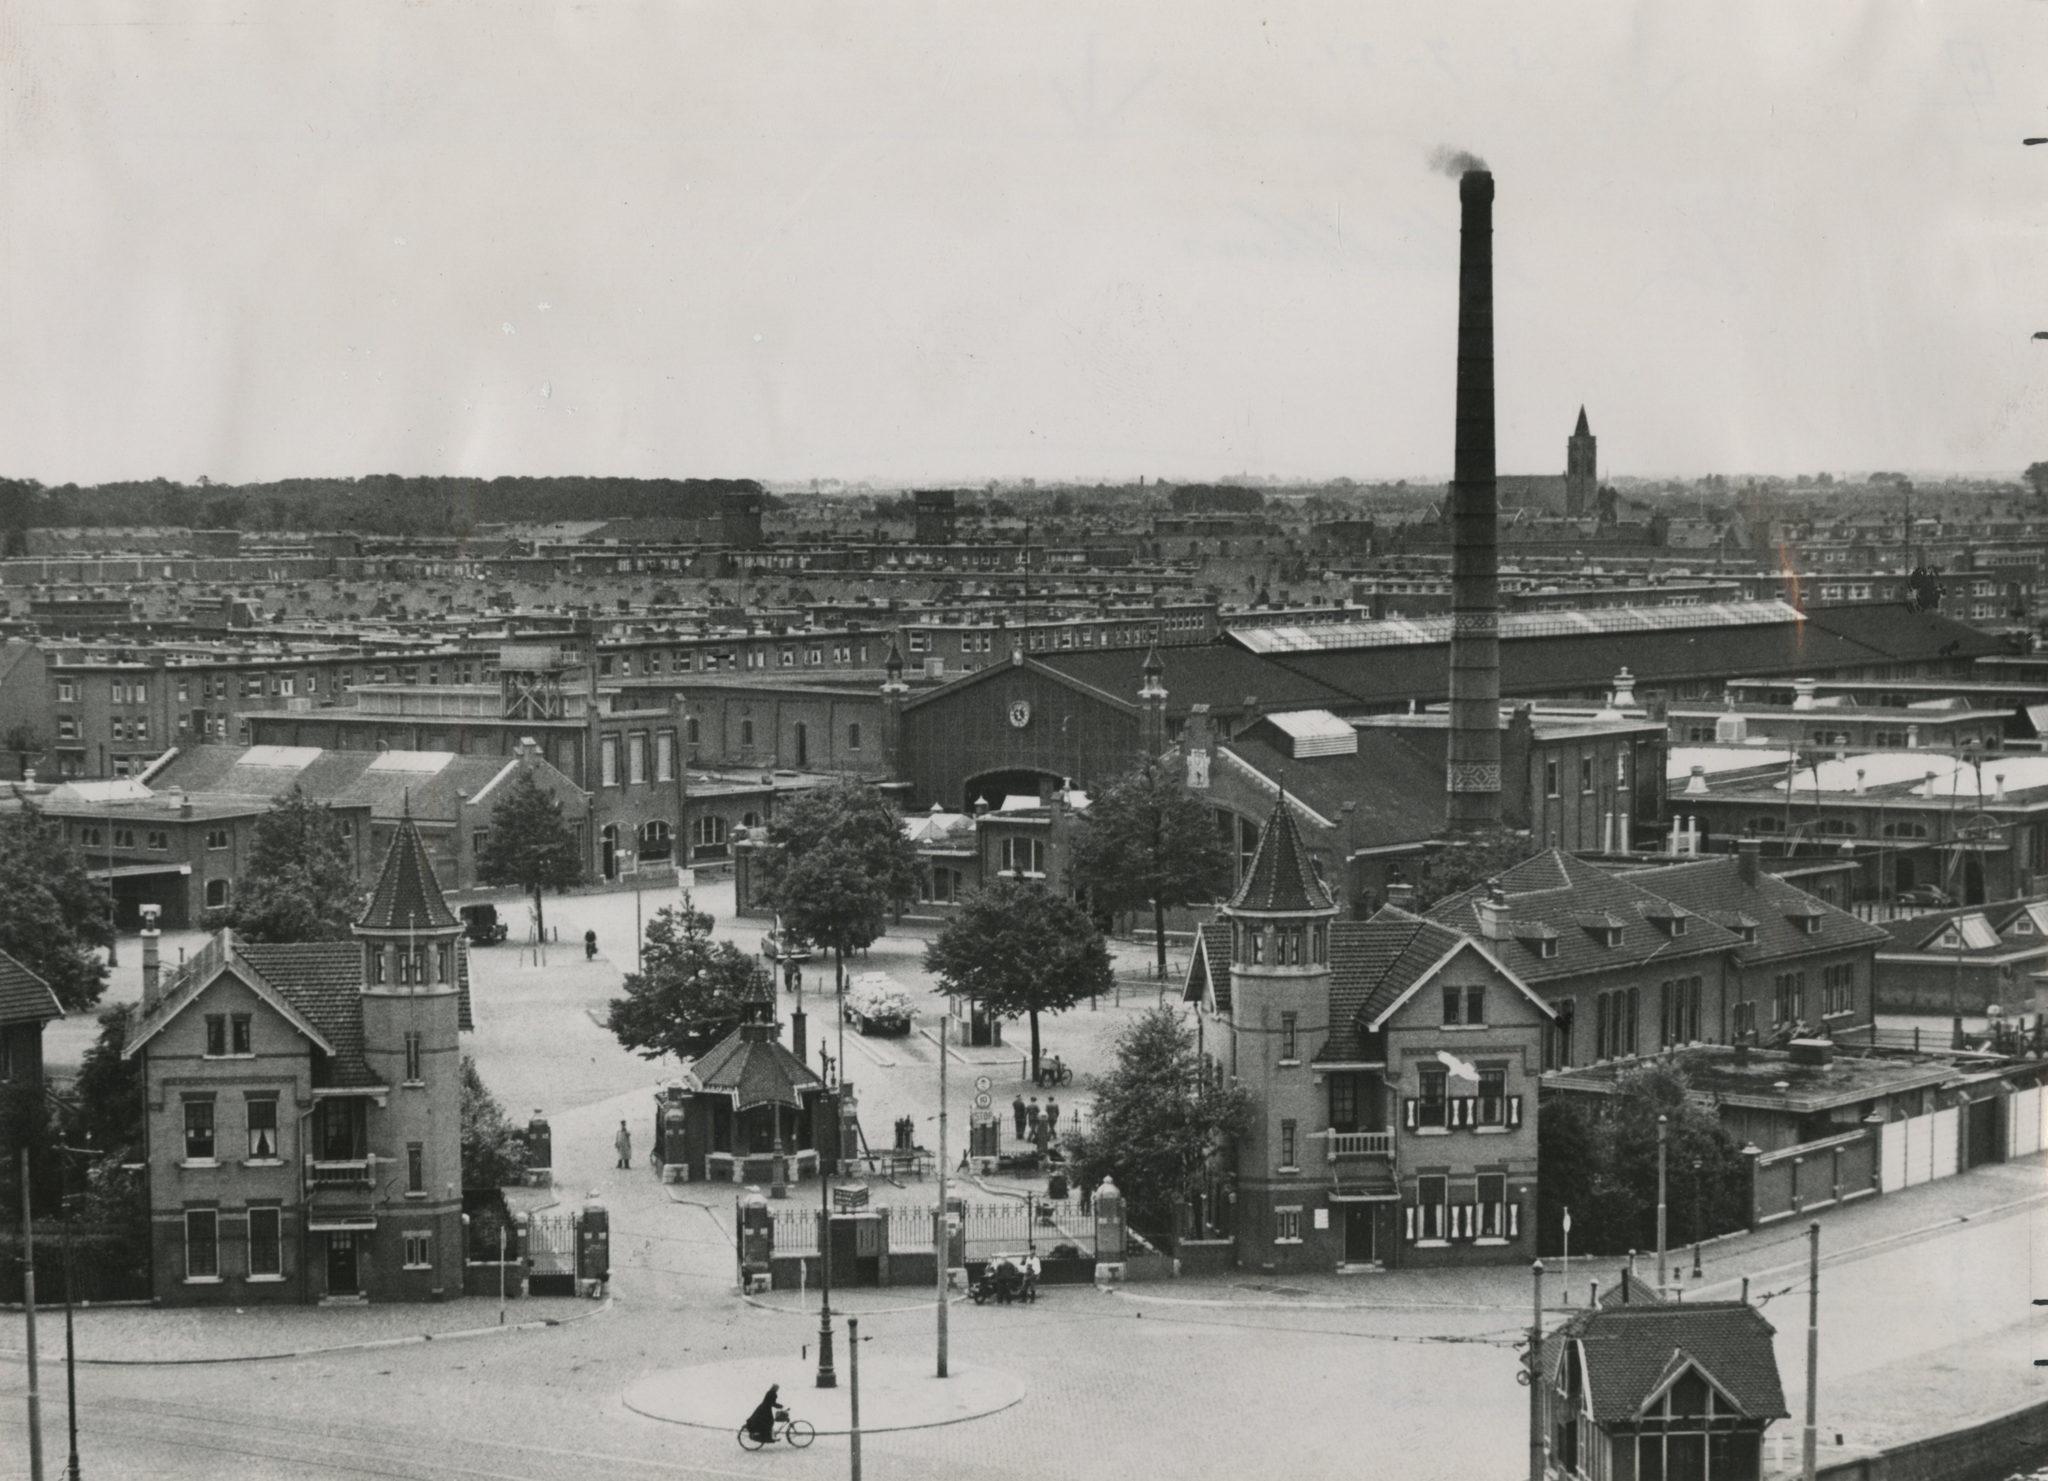 Het gemeentelijk Slachthuisterrein in 1951, gezien in de richting van het voorplein waarop de eerste decennia het vee werd binnengebracht (foto Haags Gemeentearchief)